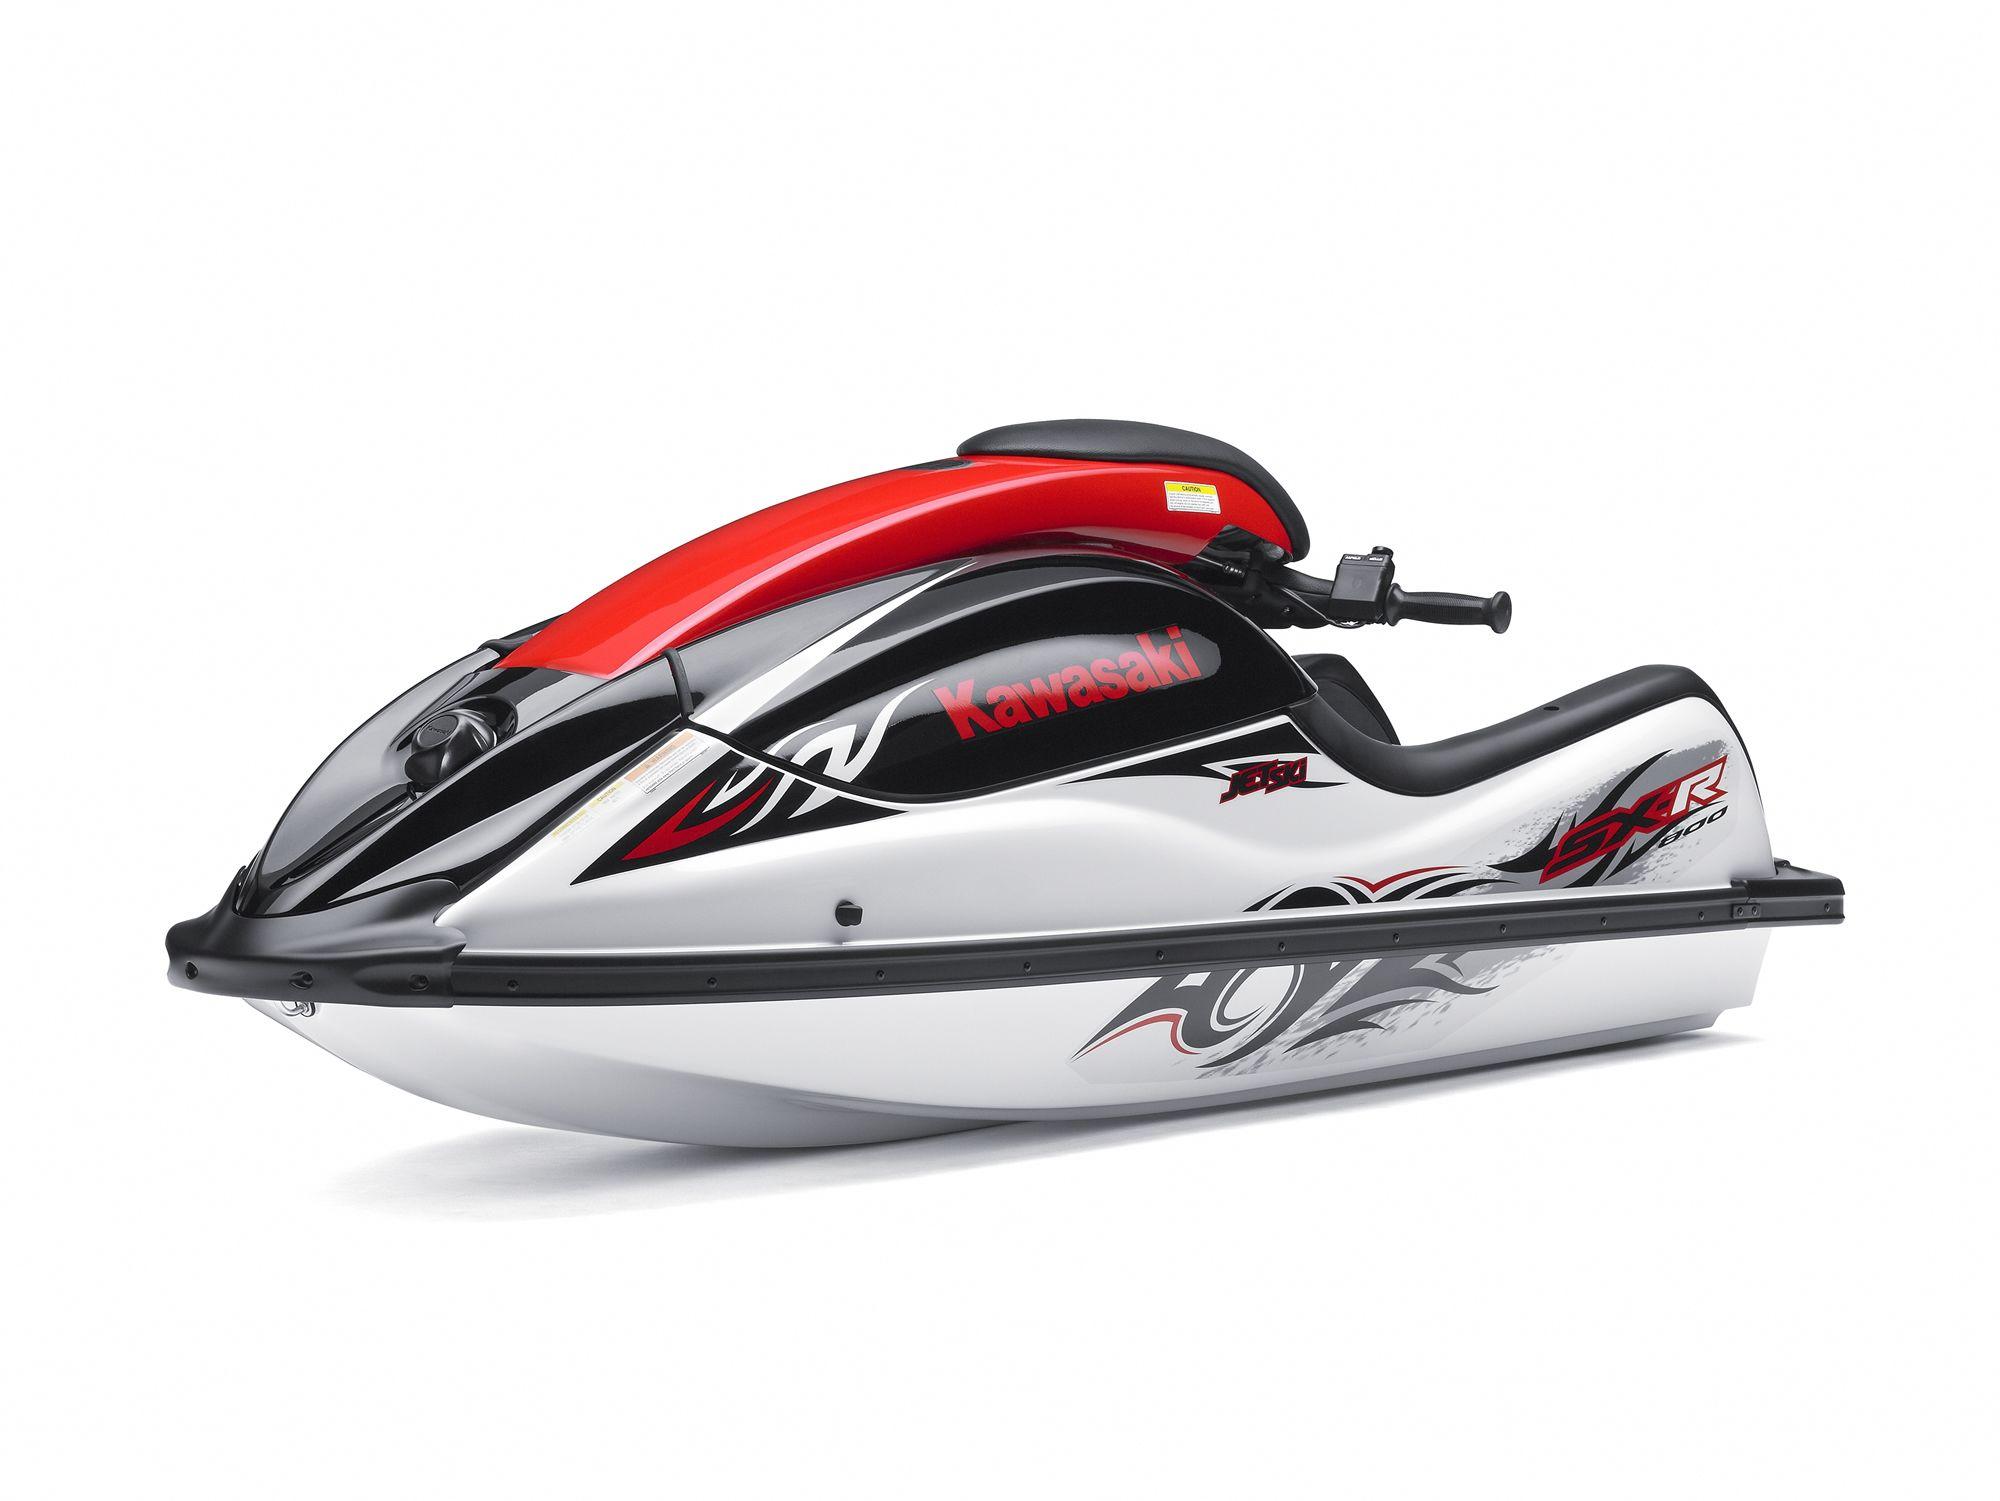 When There Is No Water Jet Ski Kawasaki Jet Ski Skiing